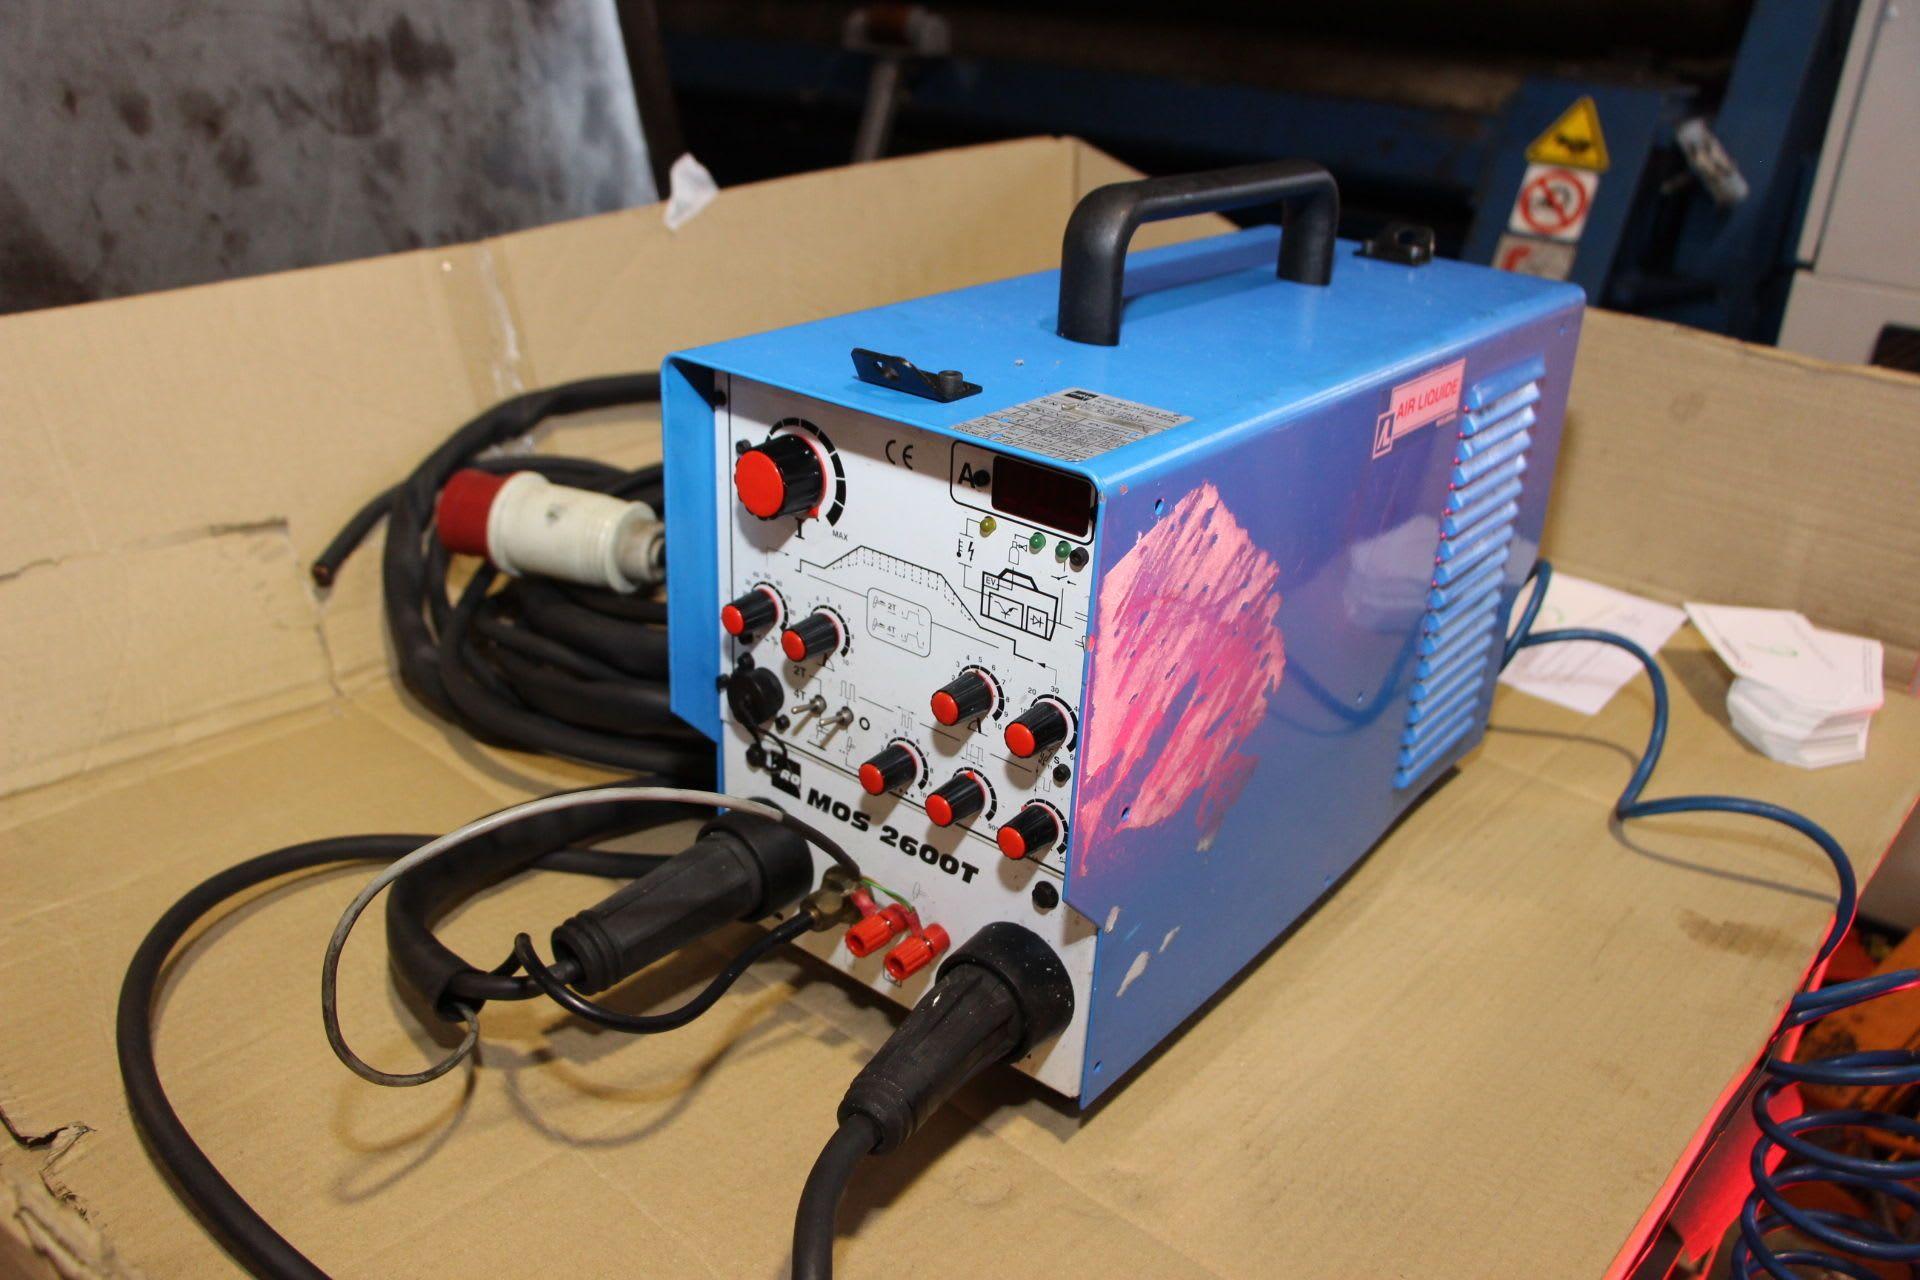 FRO MOS 2600 T Tig-Schweißmaschine